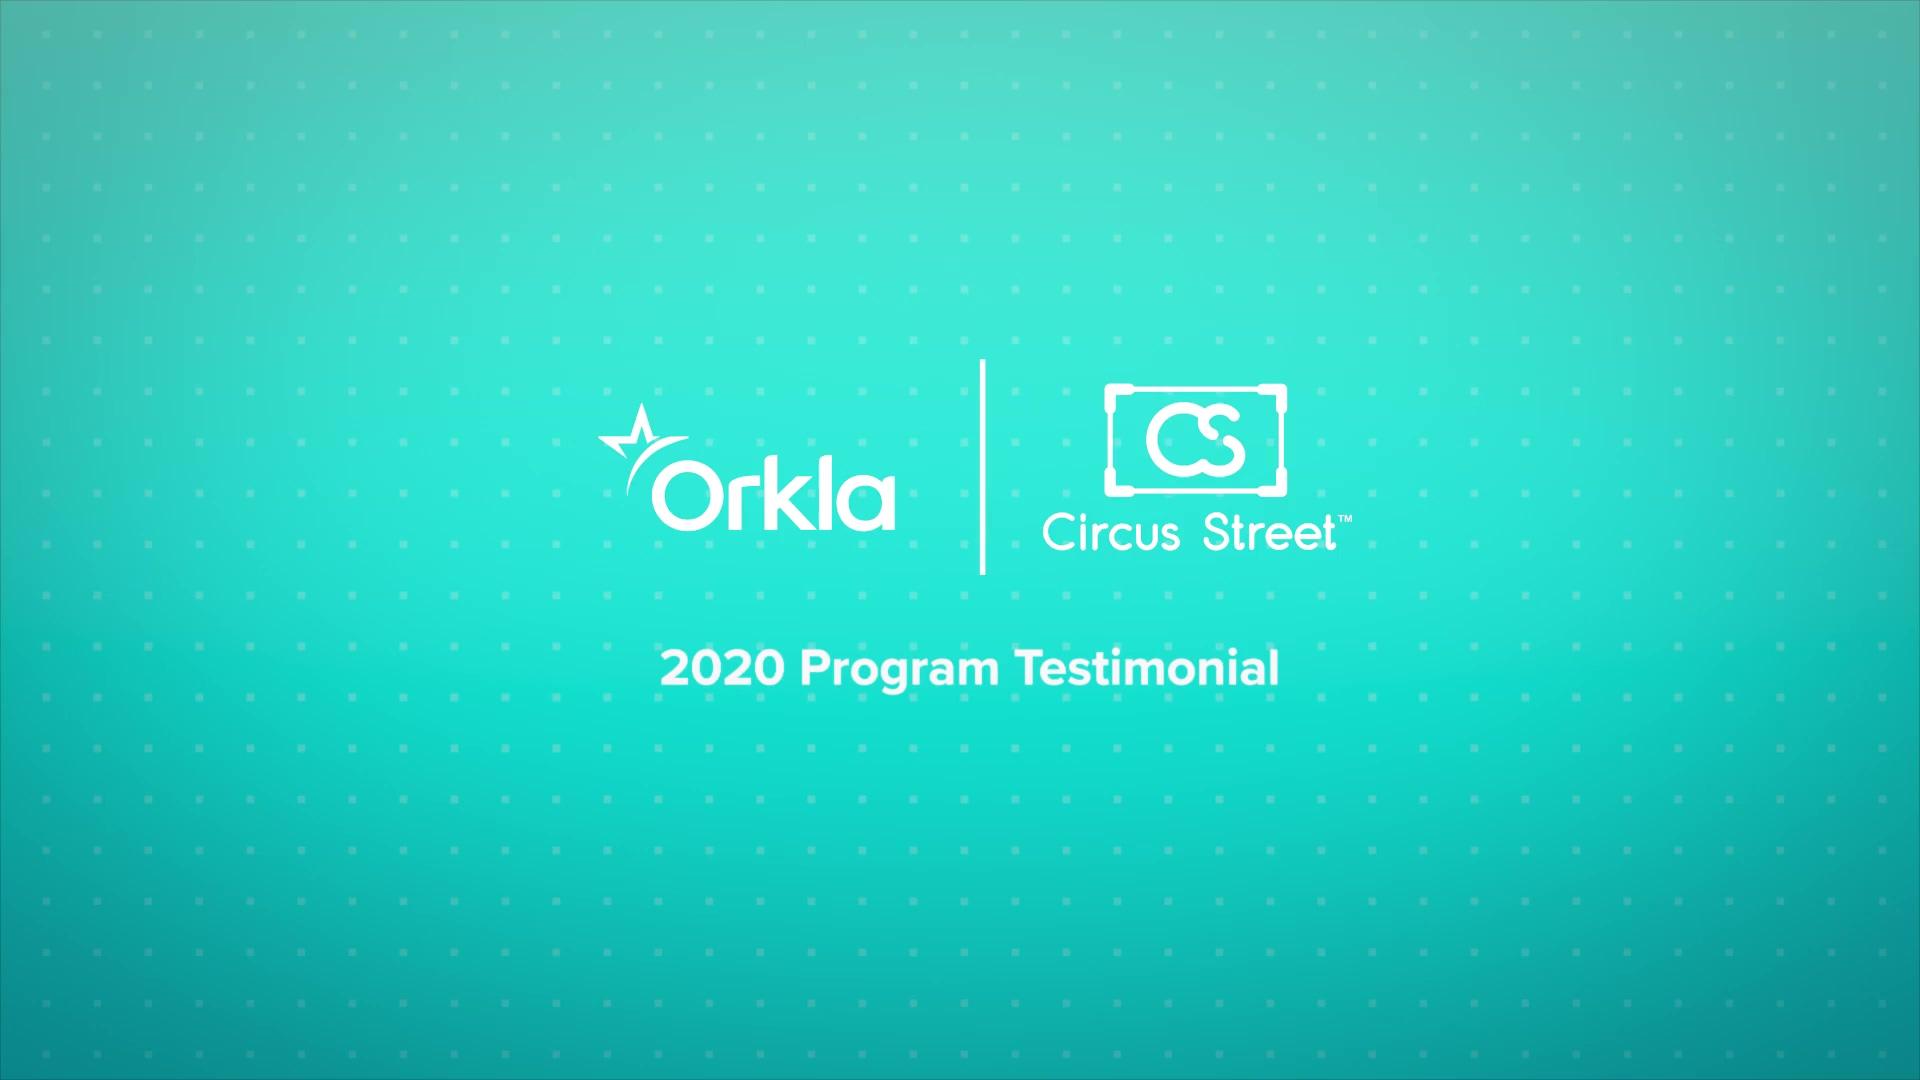 Orkla, Haagen Saether-Larsen Program Testimonial 2020